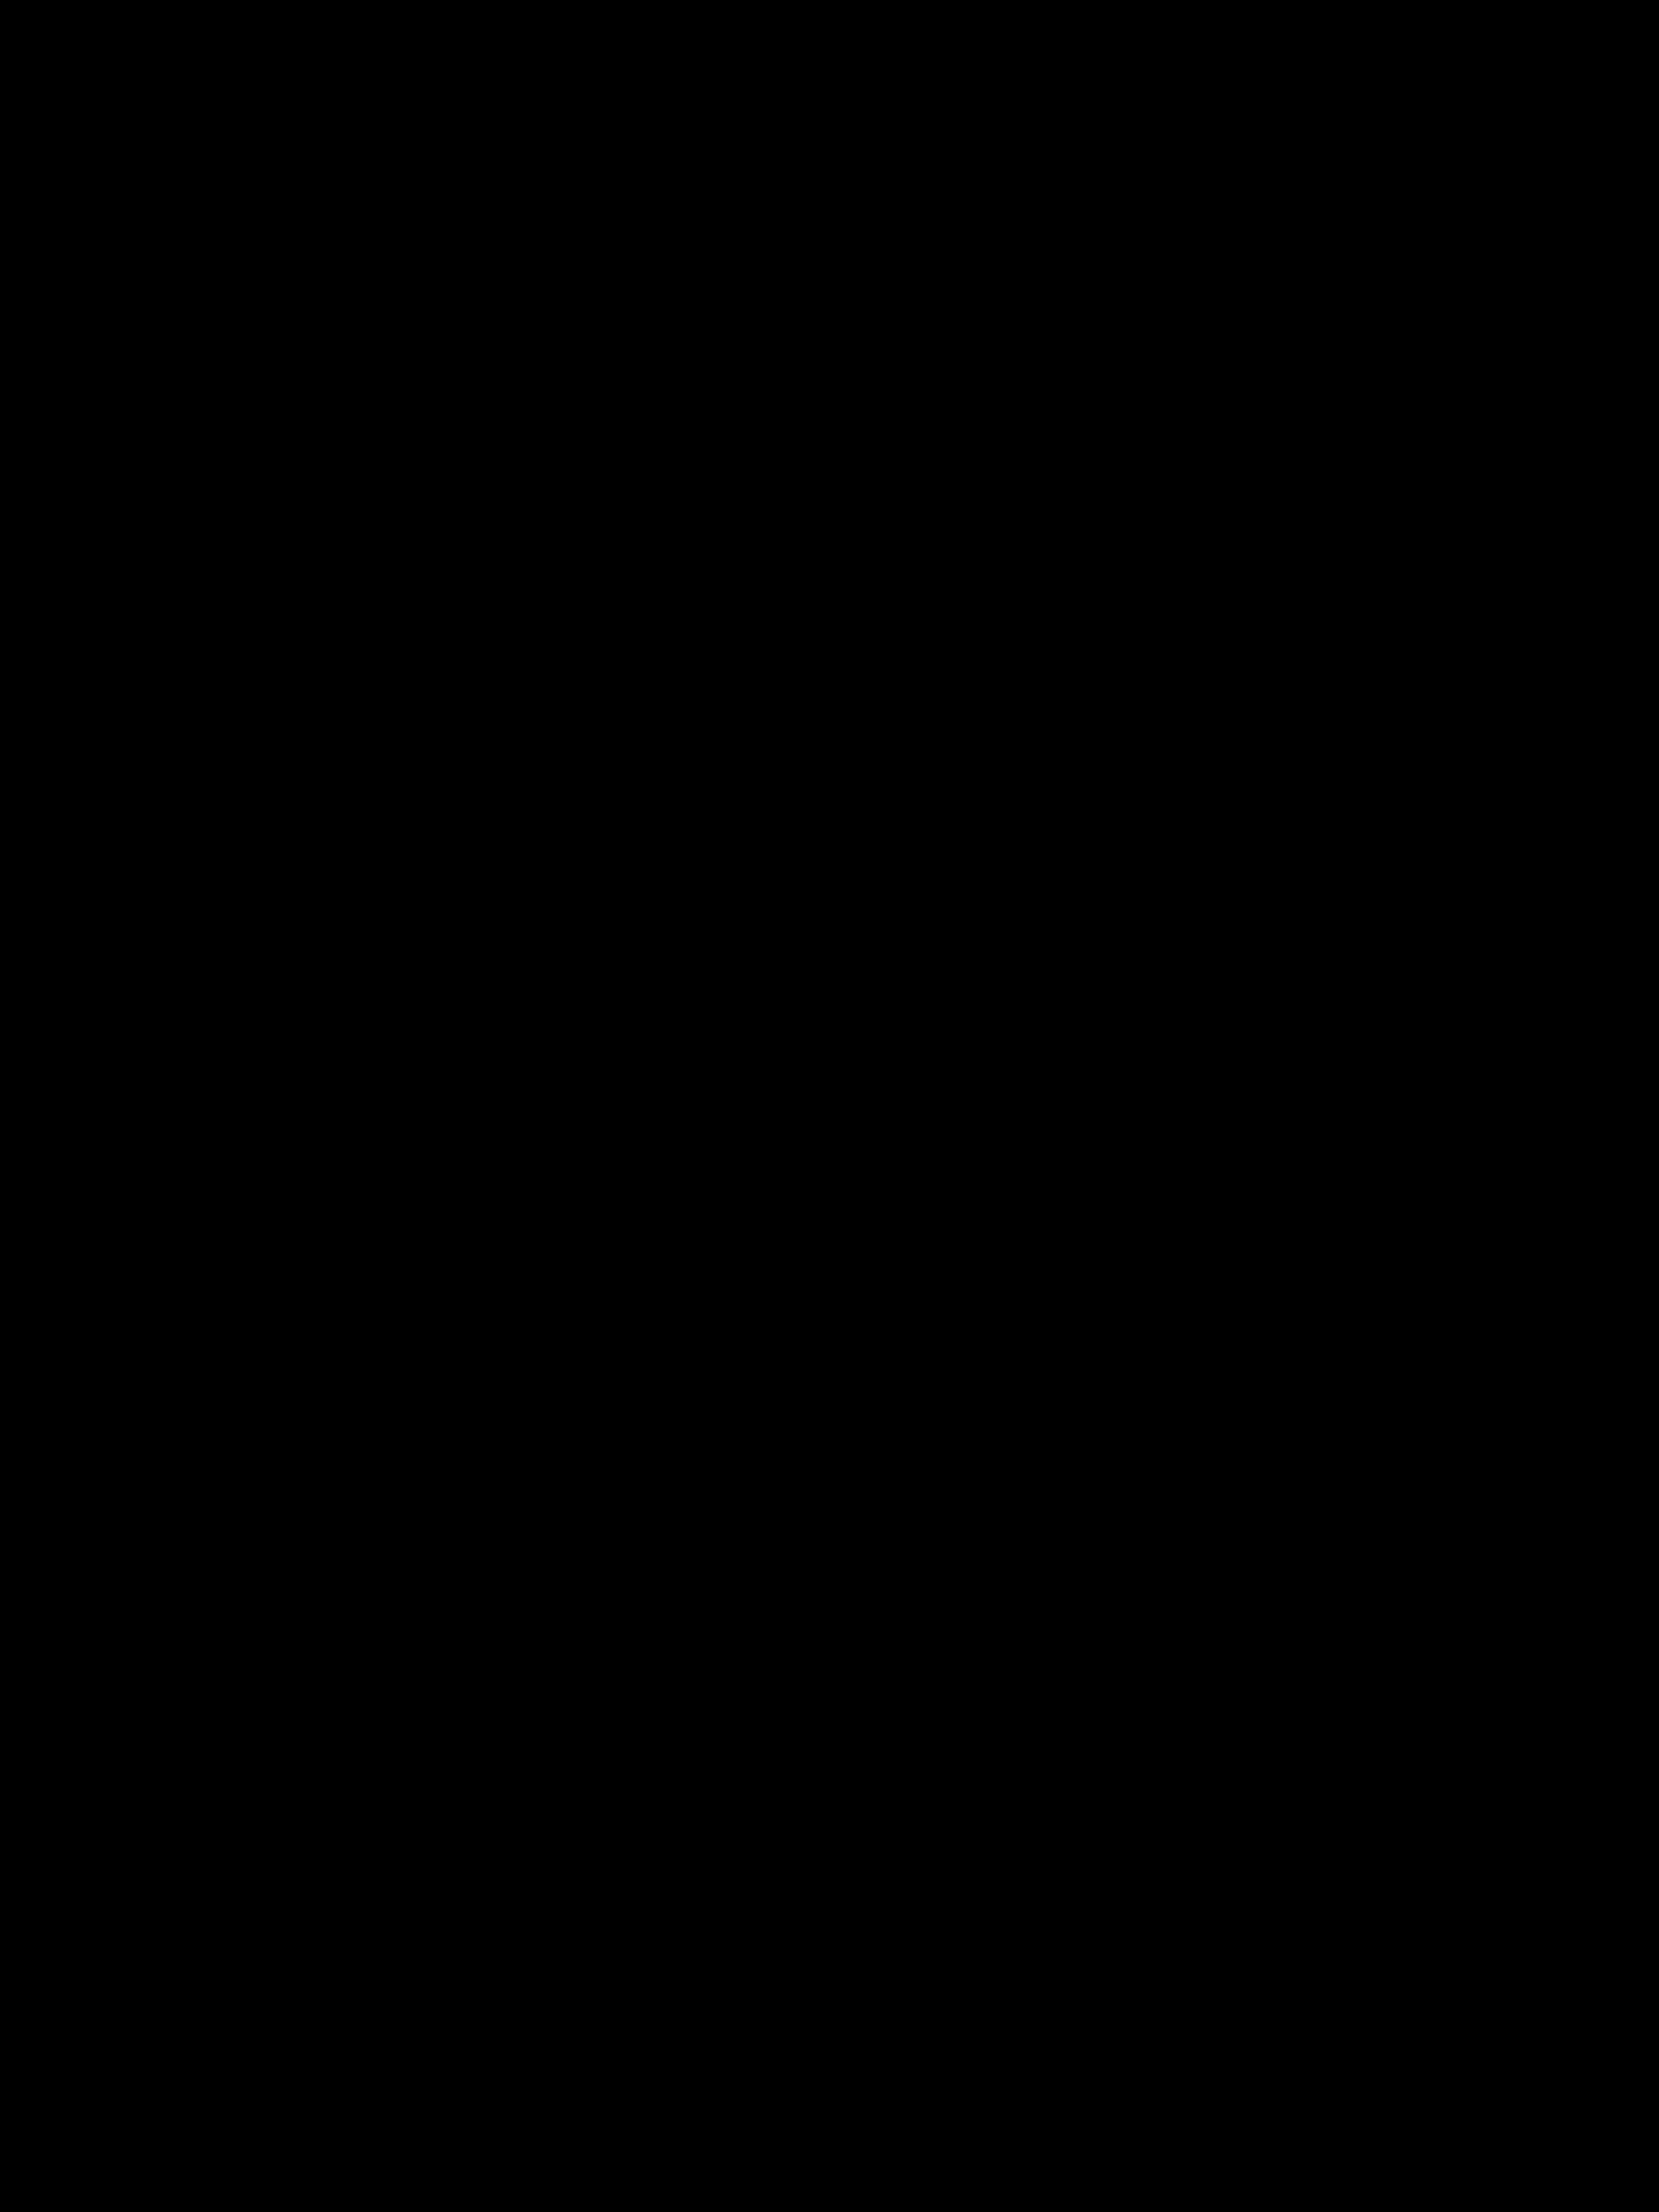 Infographie_identite_numerique.jpg